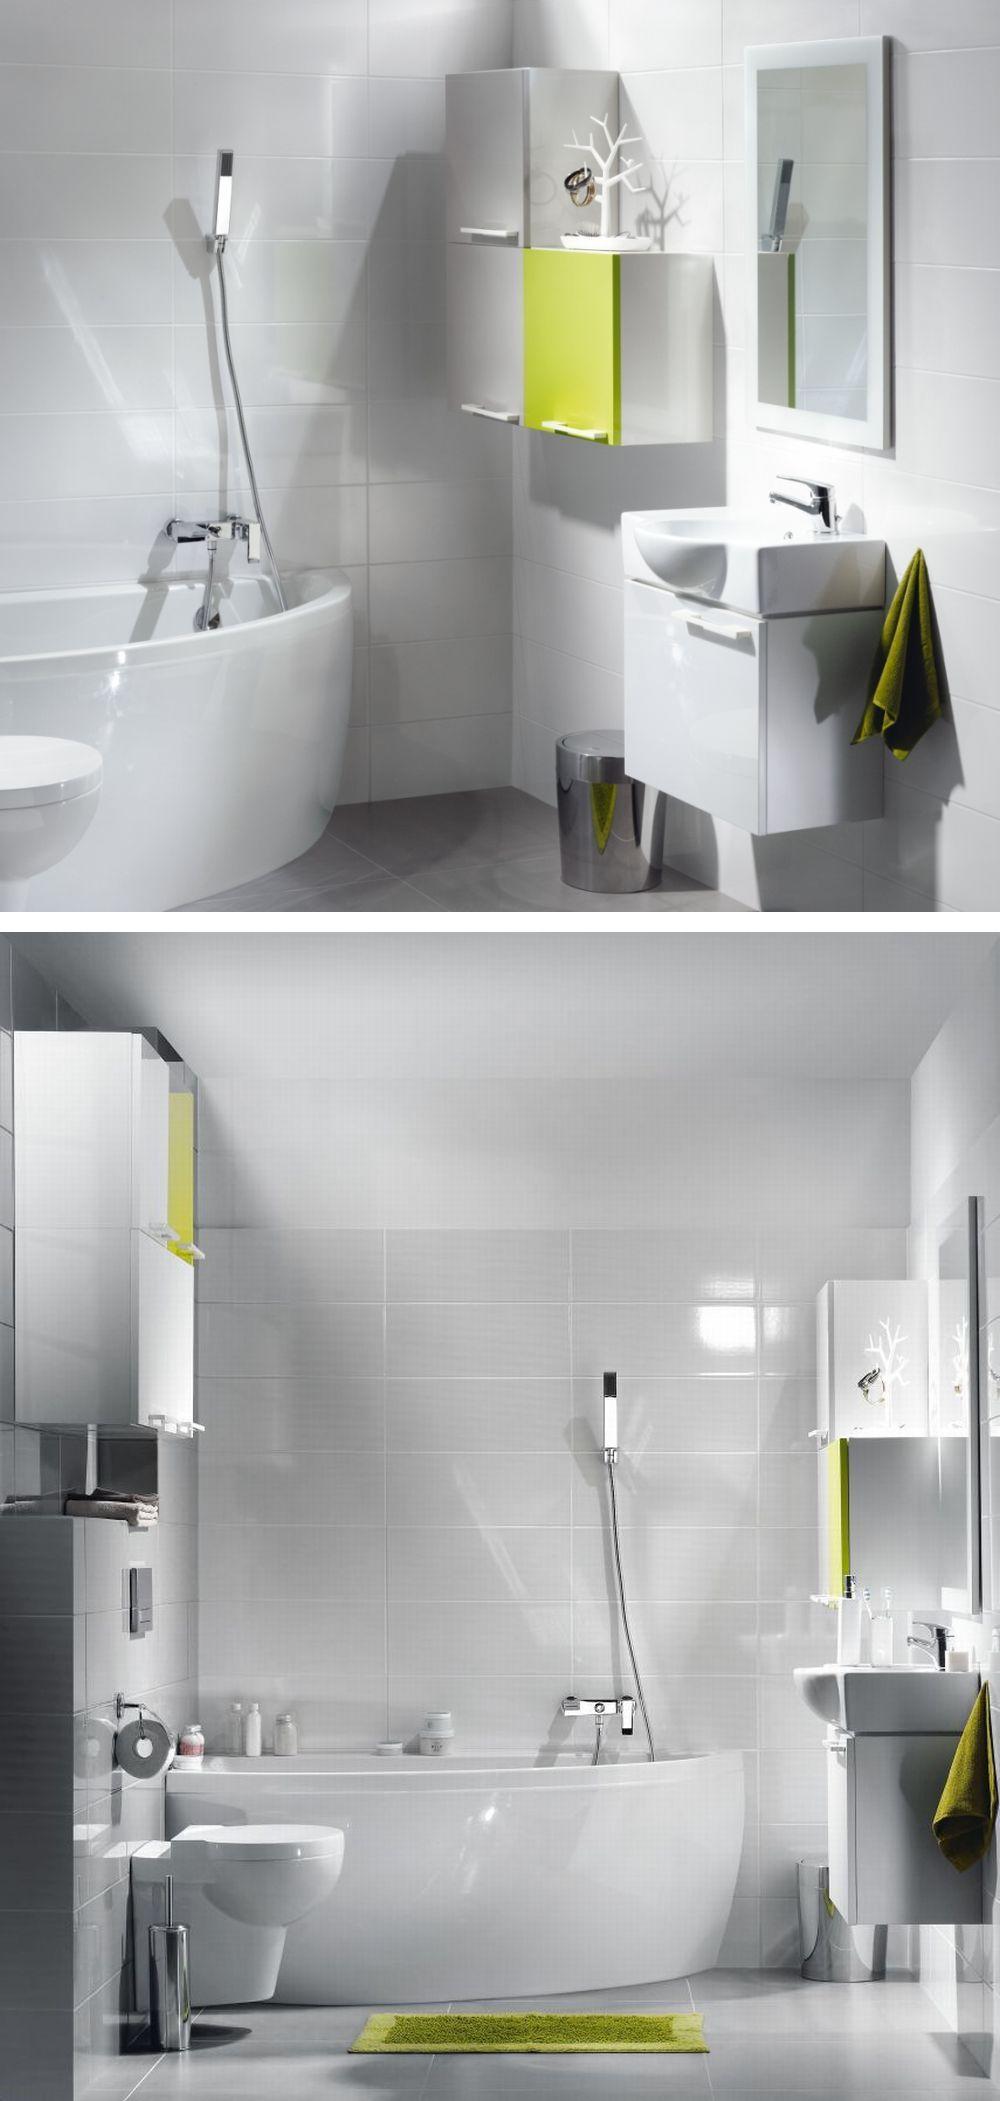 Маленькая ванная комната в блоке: функциональный и модный интерьер